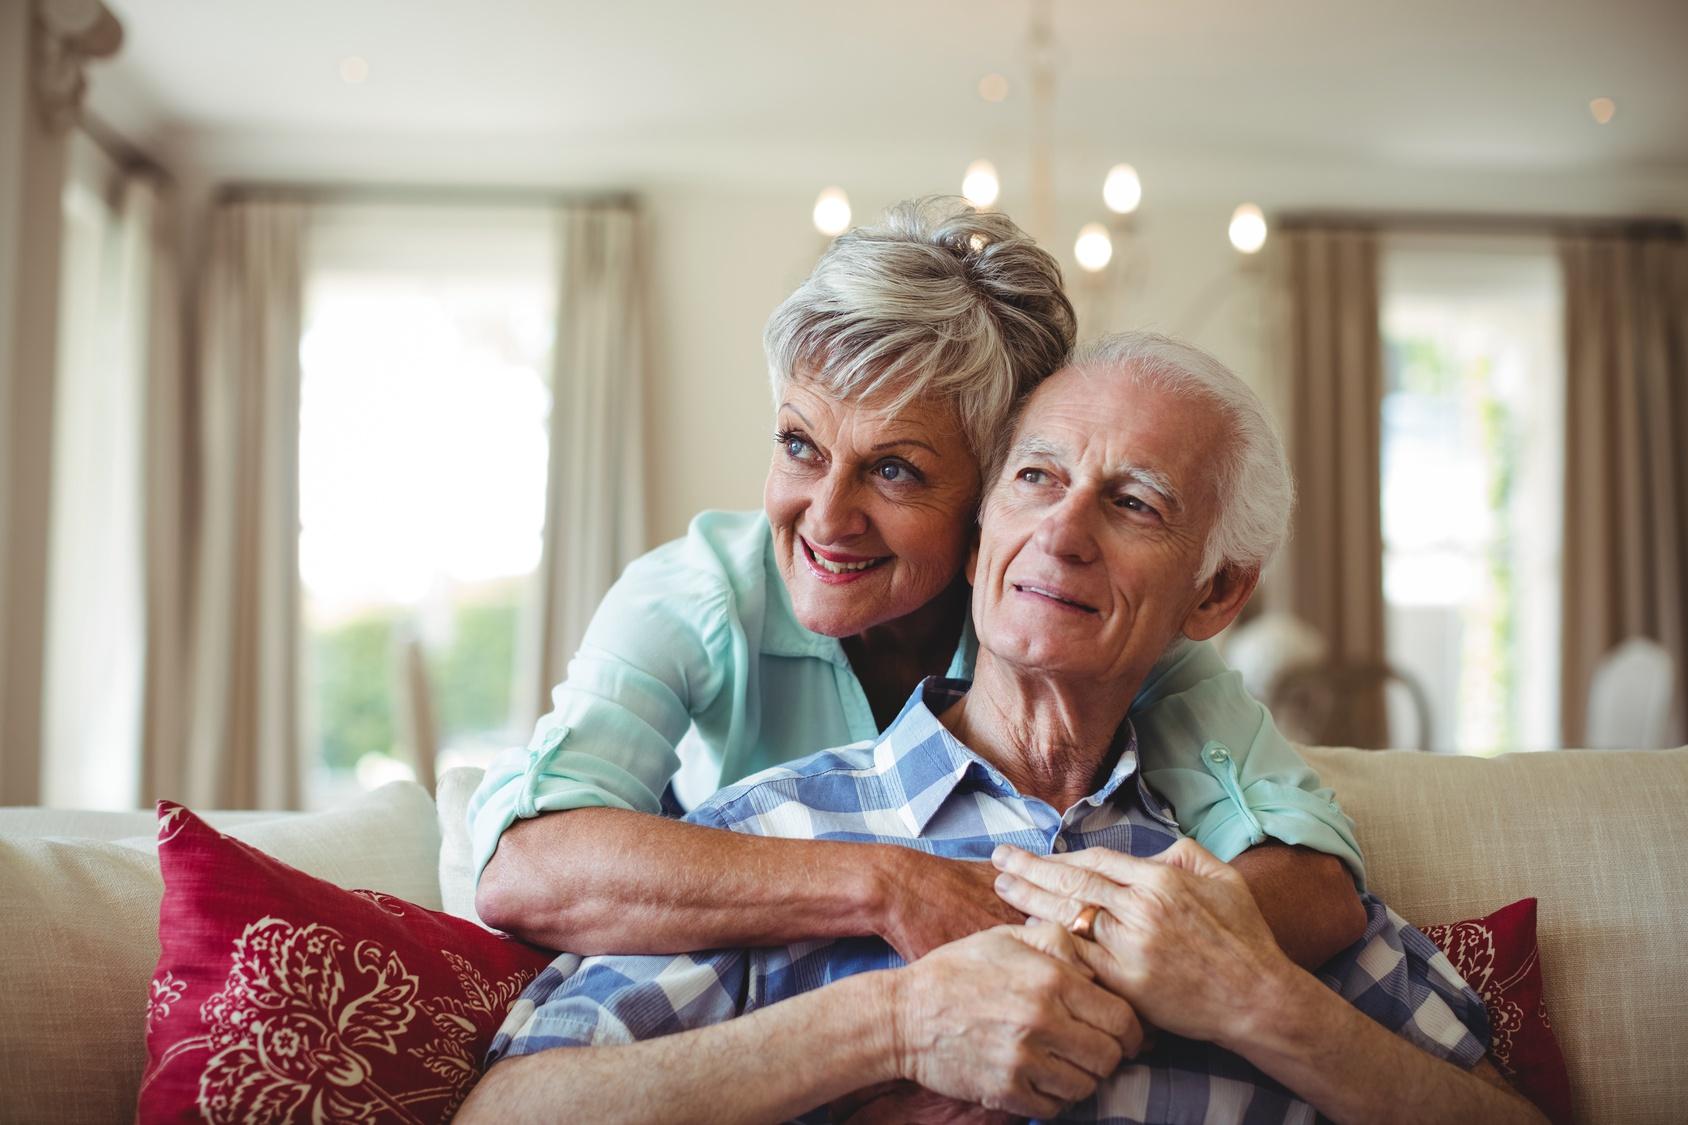 Seniorenpaar entspannt sich auf dem Sofa im Wohnzimmer